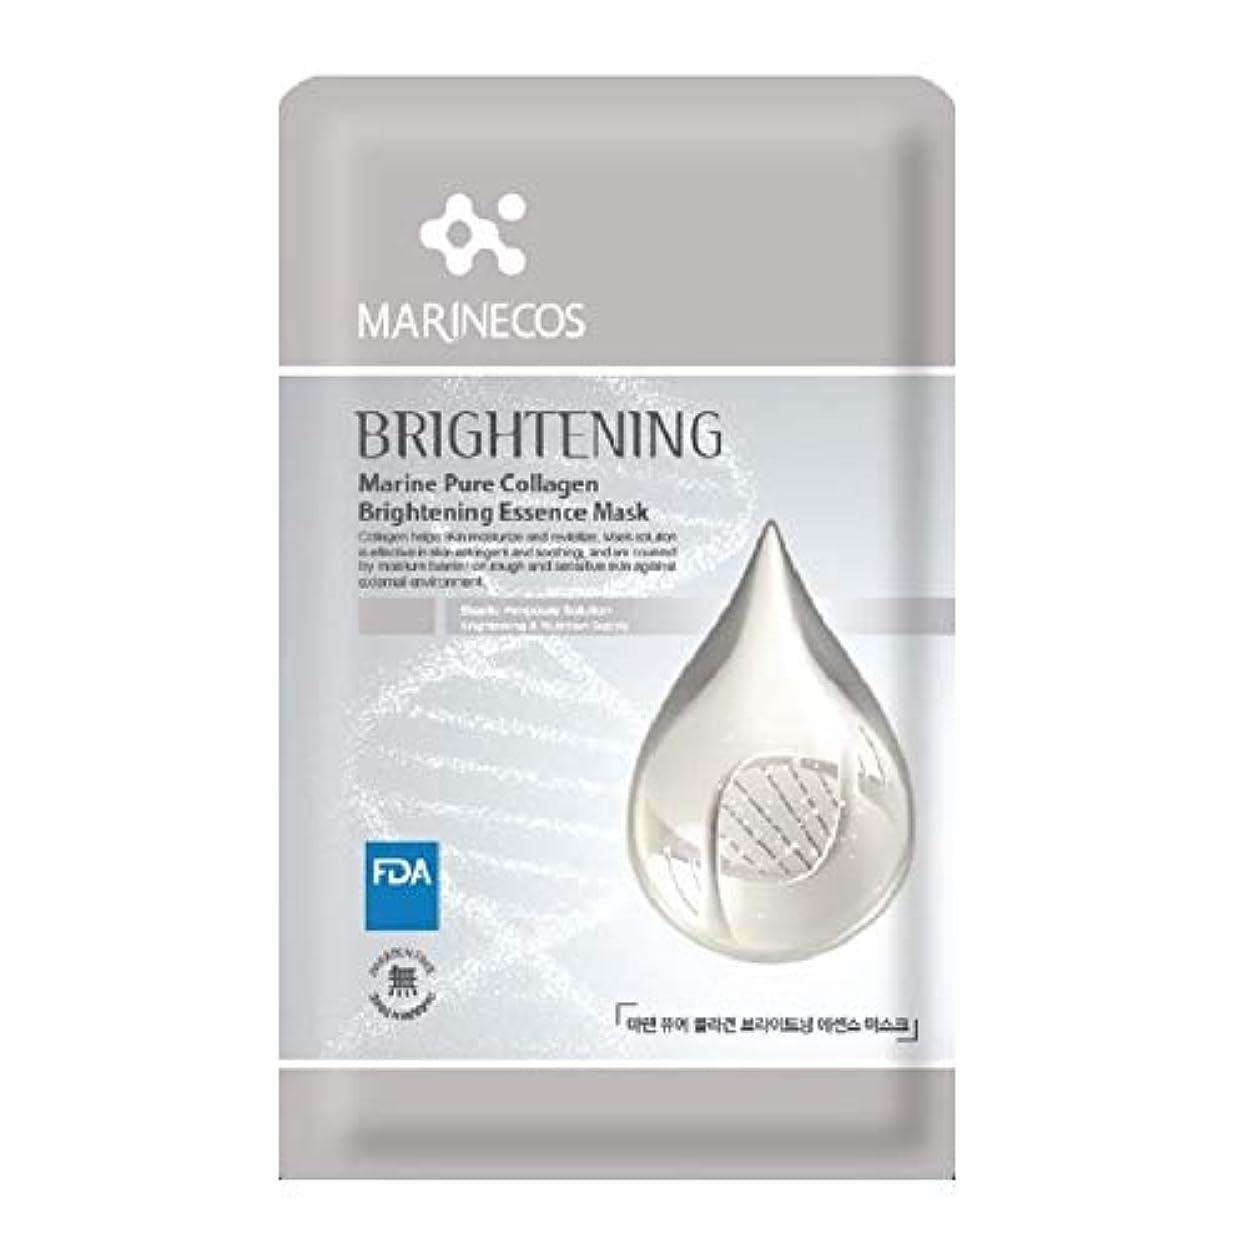 プーノ呪われた退屈させるKorea, Beauty, Marine Pure Collagen Brightening Essence Mask 10 Sheets 1 Case 韓国ネーチャー コスメ ビューティー 韓国マスクシート